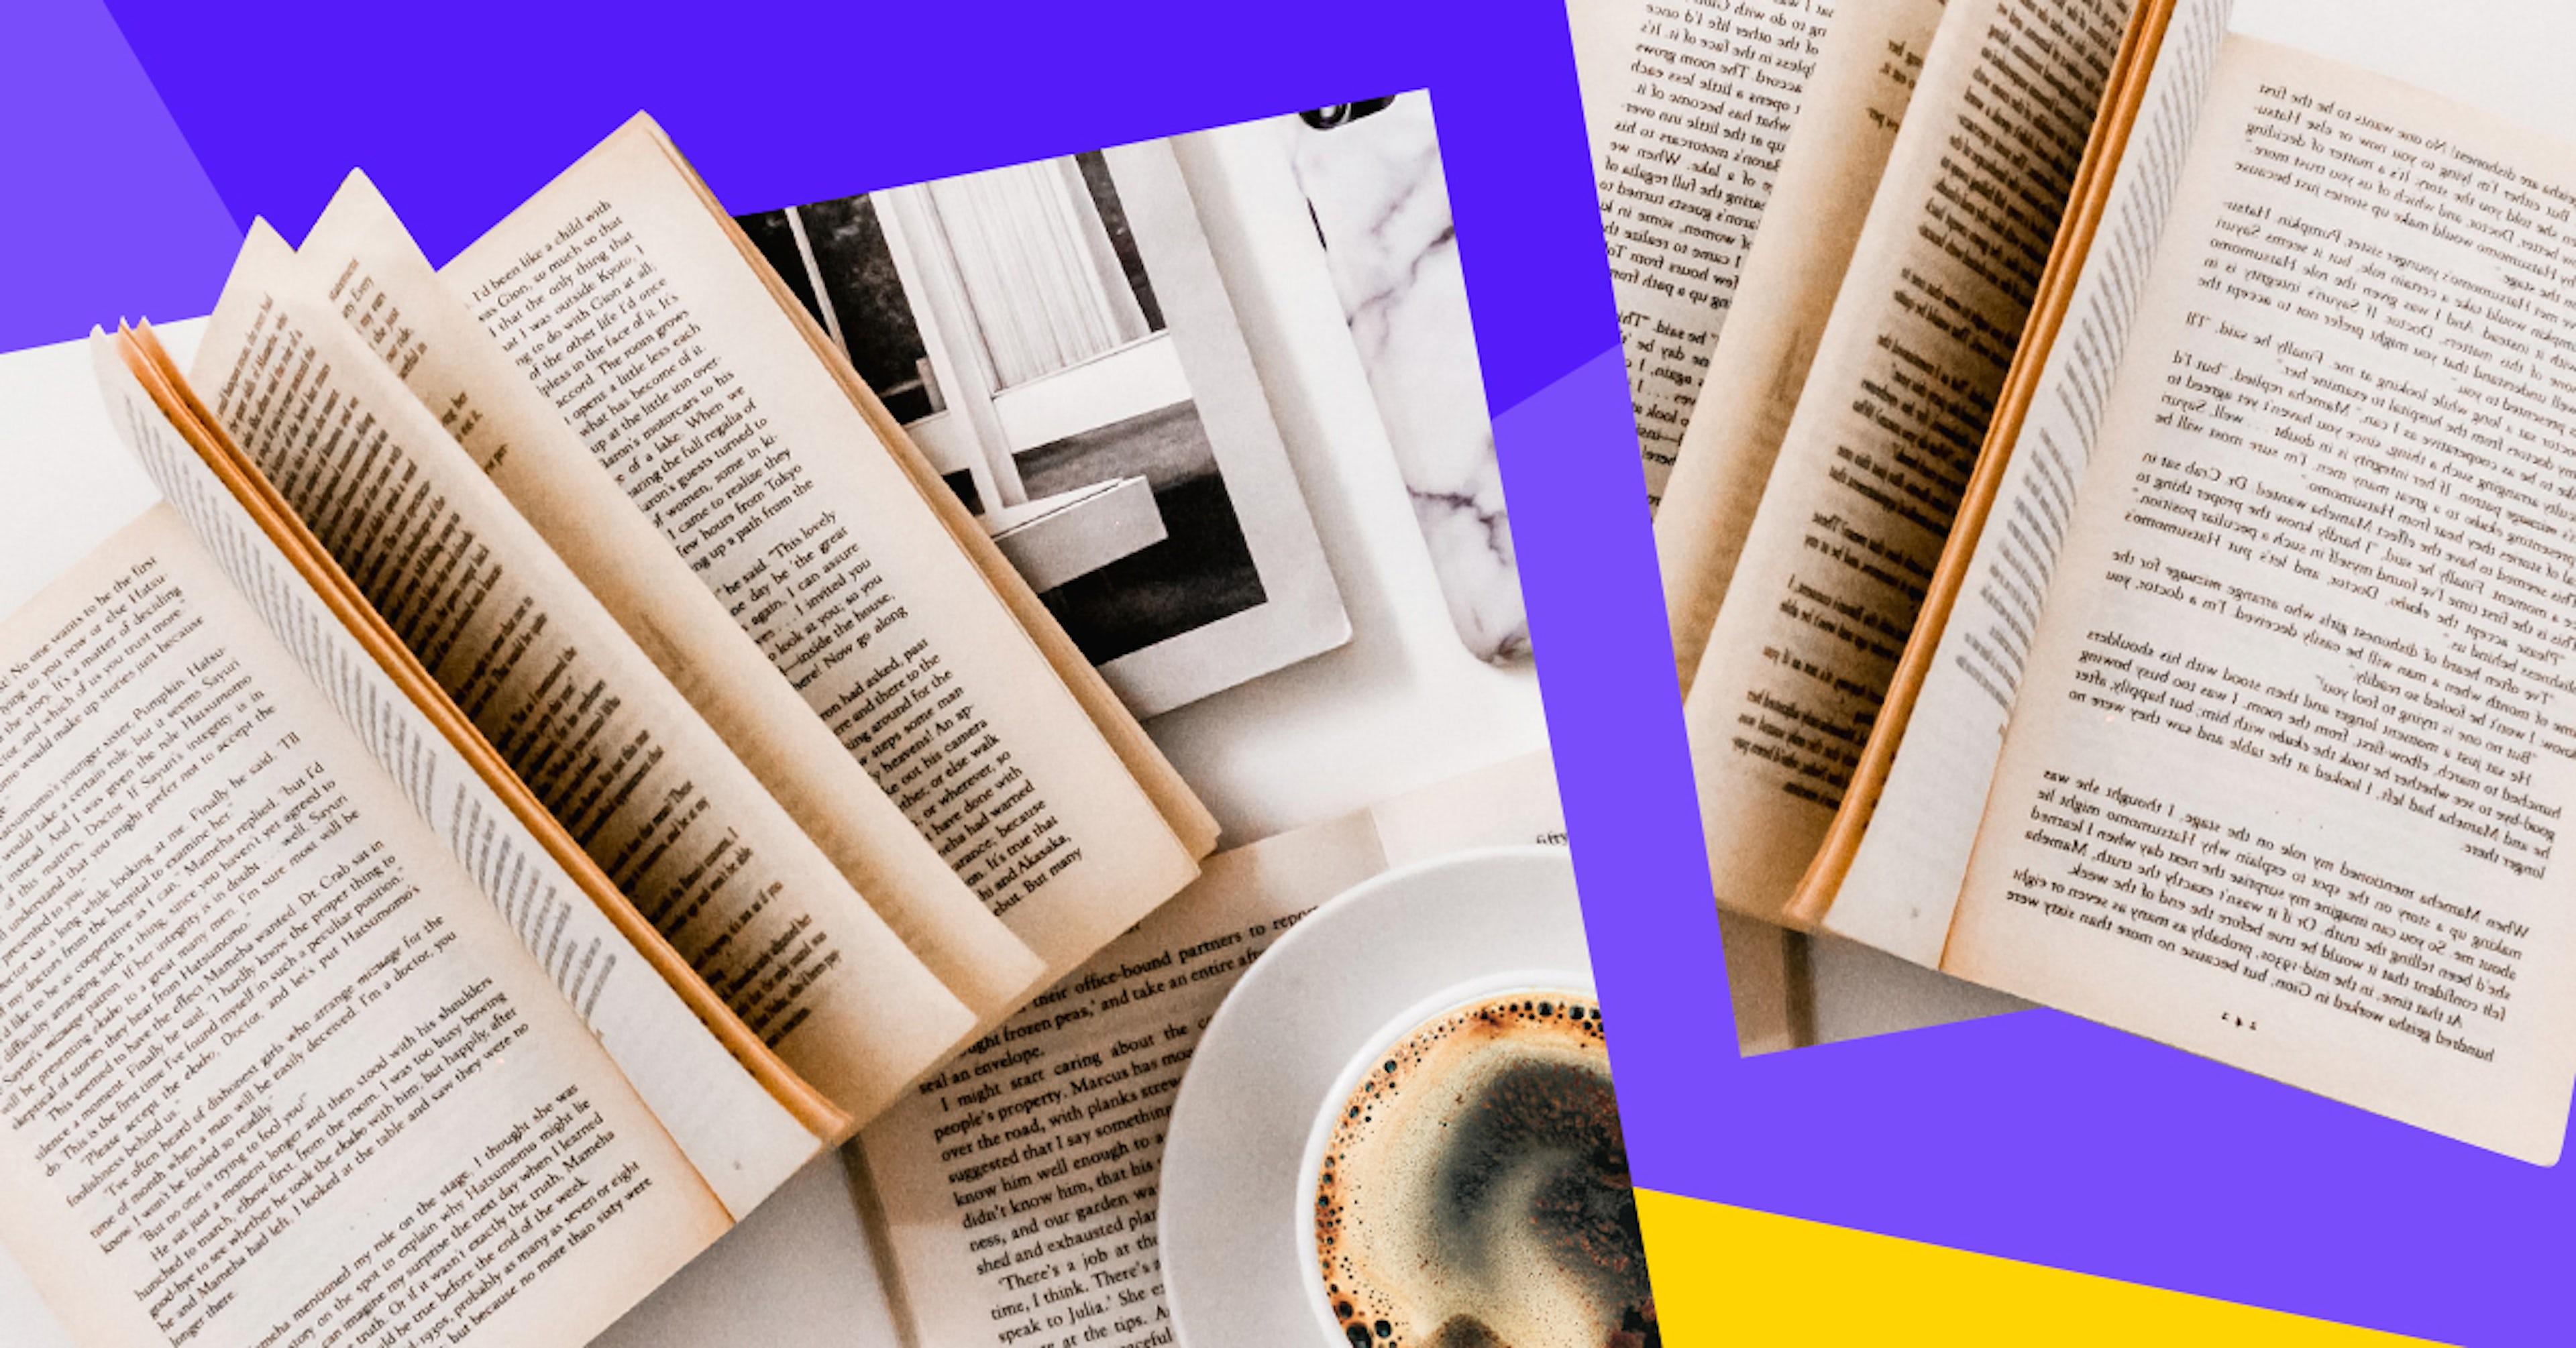 Livros grátis: 6 maneiras de retomar o hábito da leitura